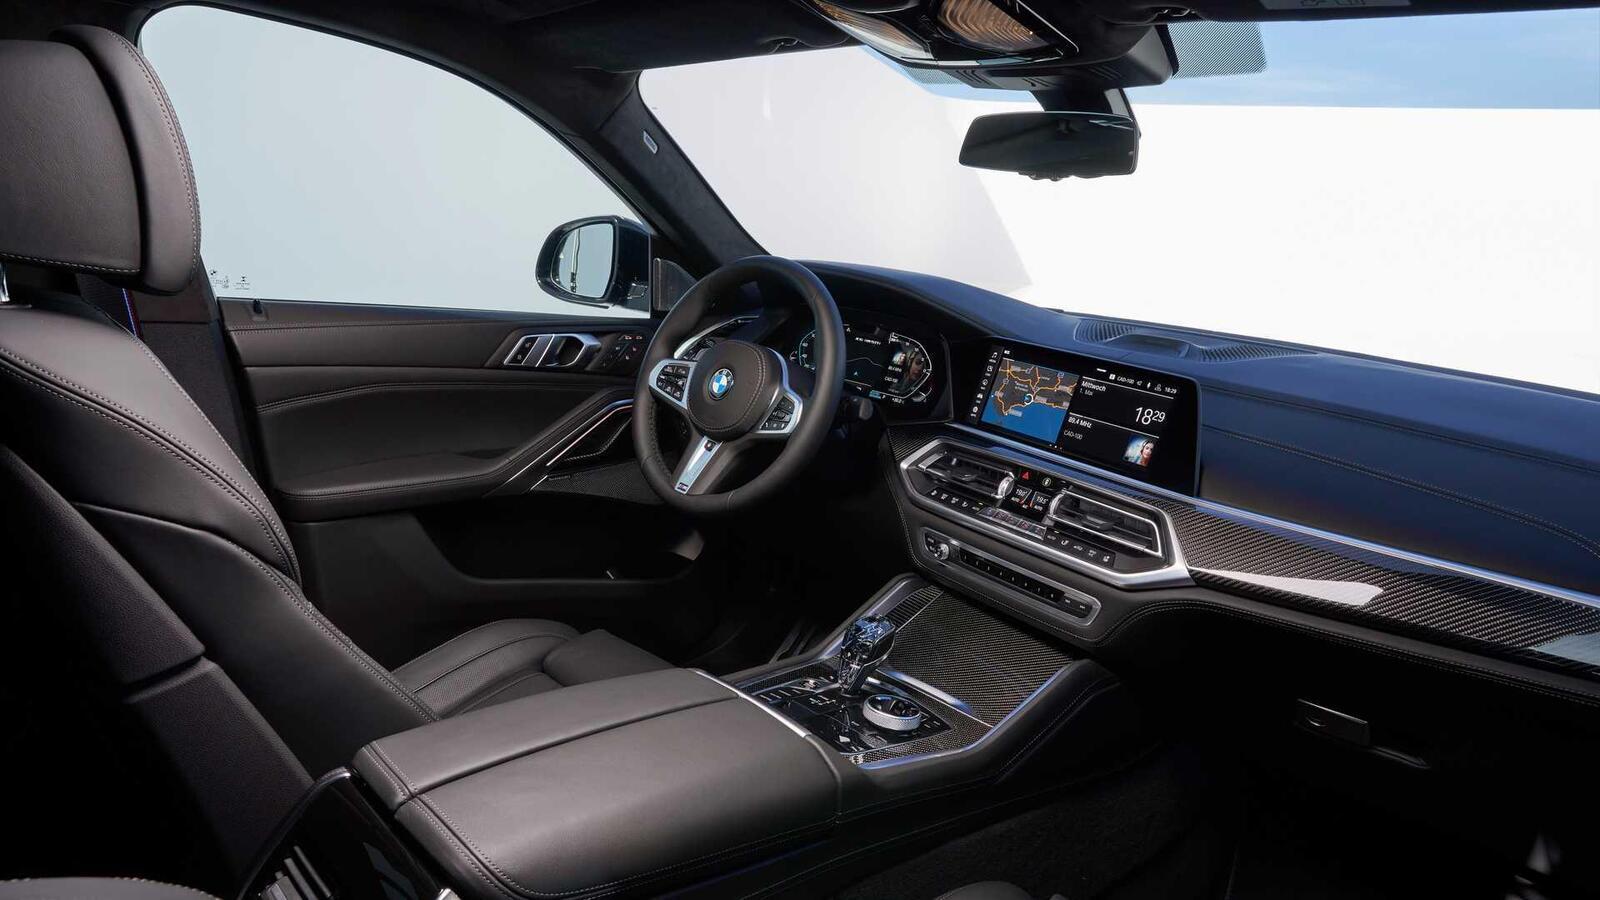 Thế hệ mới BMW X6 2020 chính thức ra mắt - Hình 16